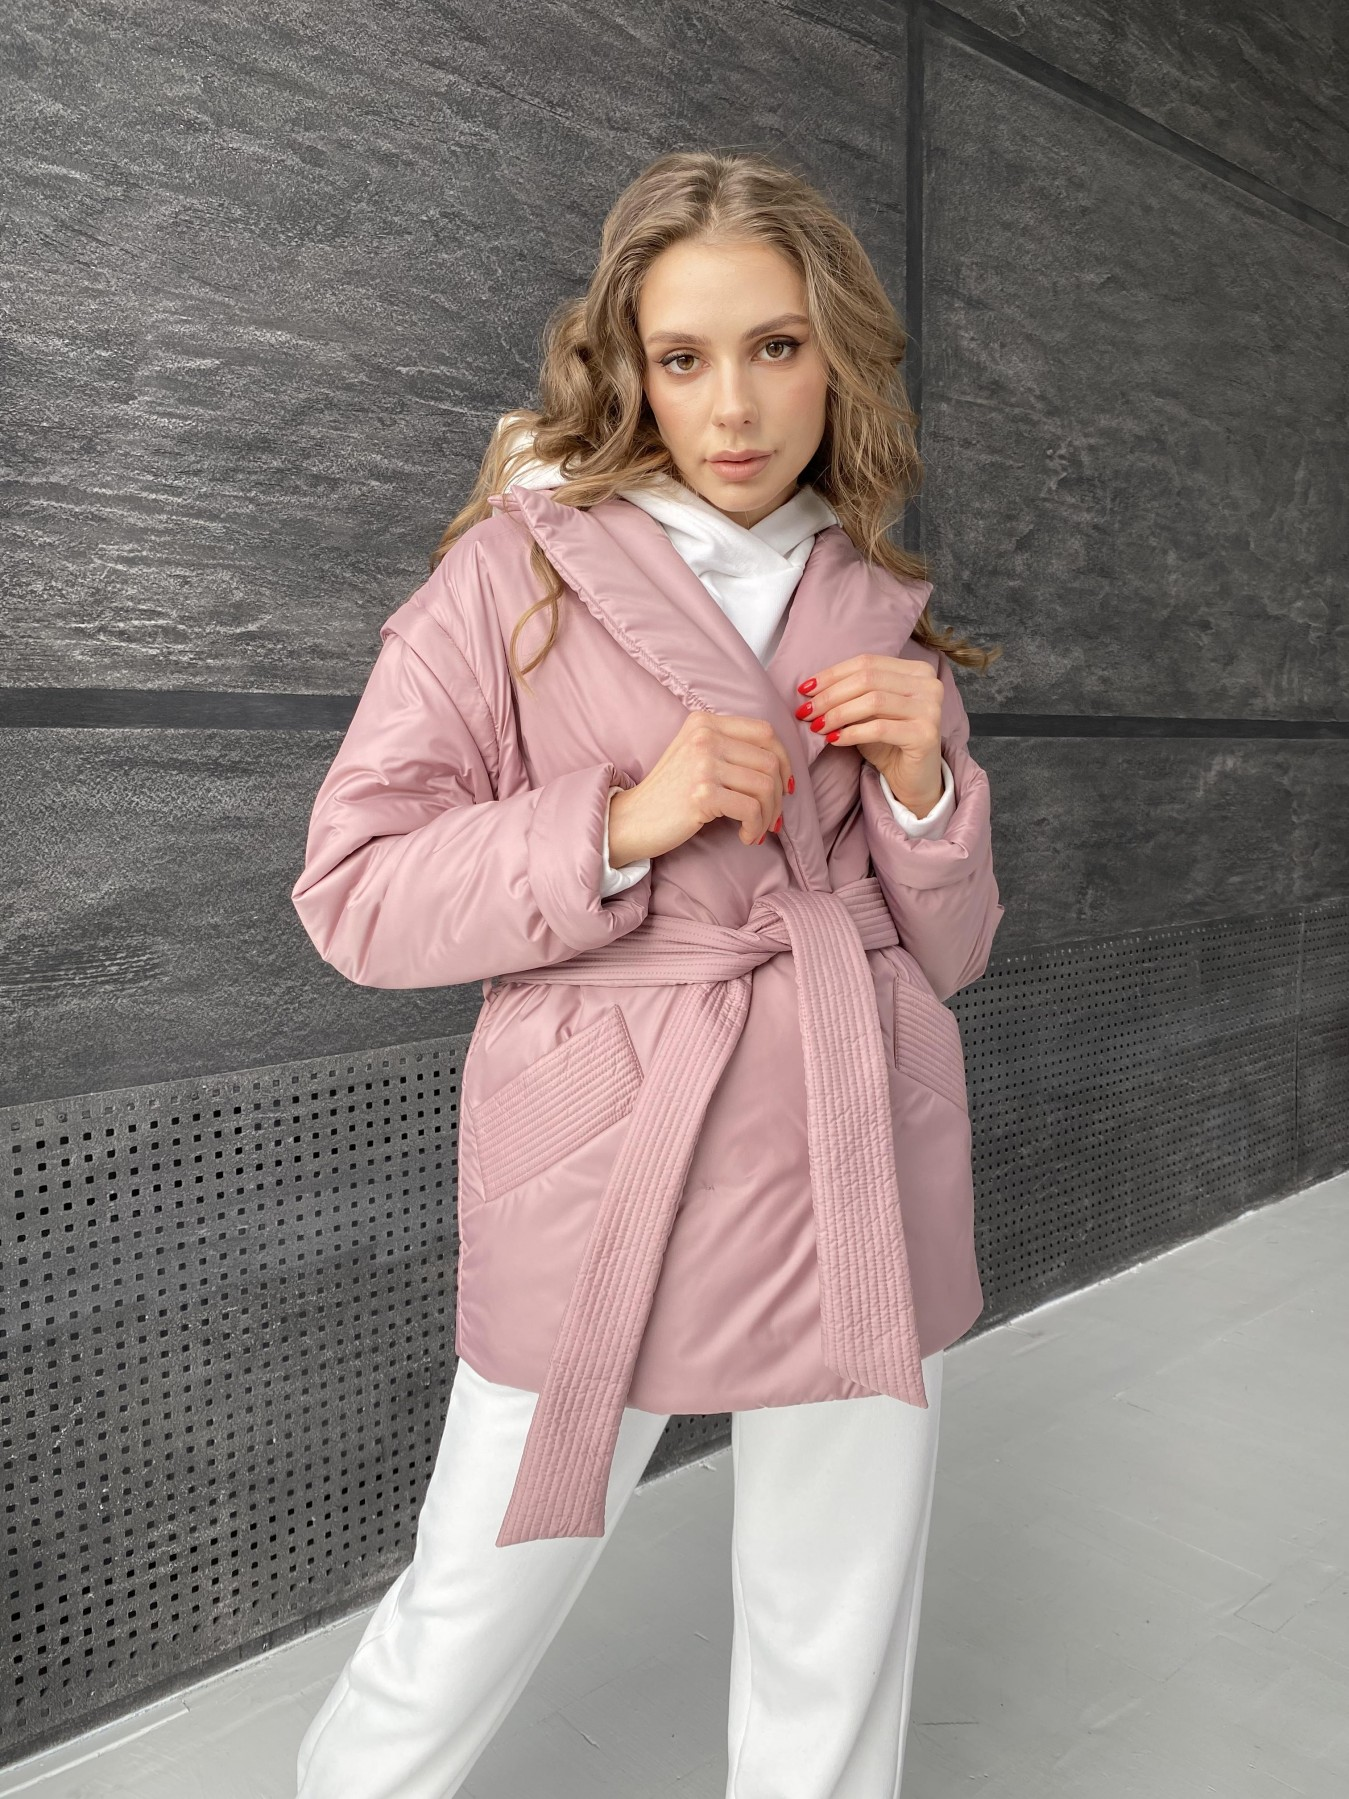 Форбс куртка из плащевой ткани 10986 АРТ. 47477 Цвет: Пудра - фото 11, интернет магазин tm-modus.ru